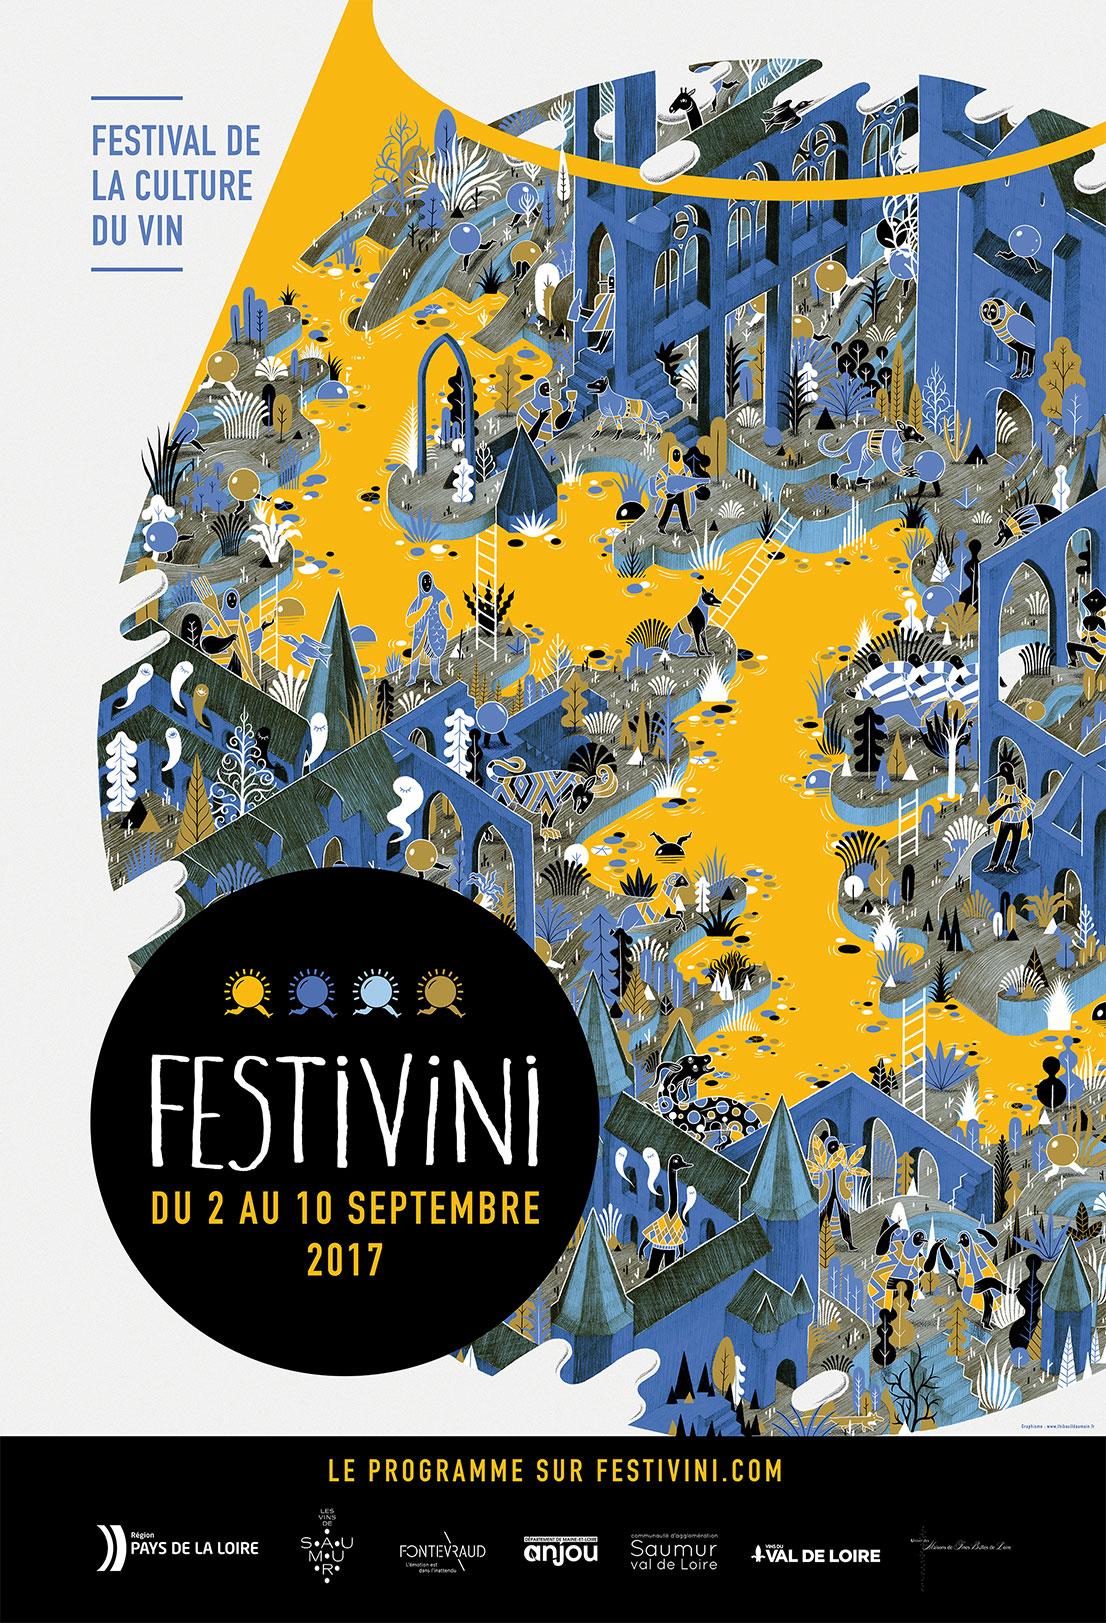 festivini-poster-2